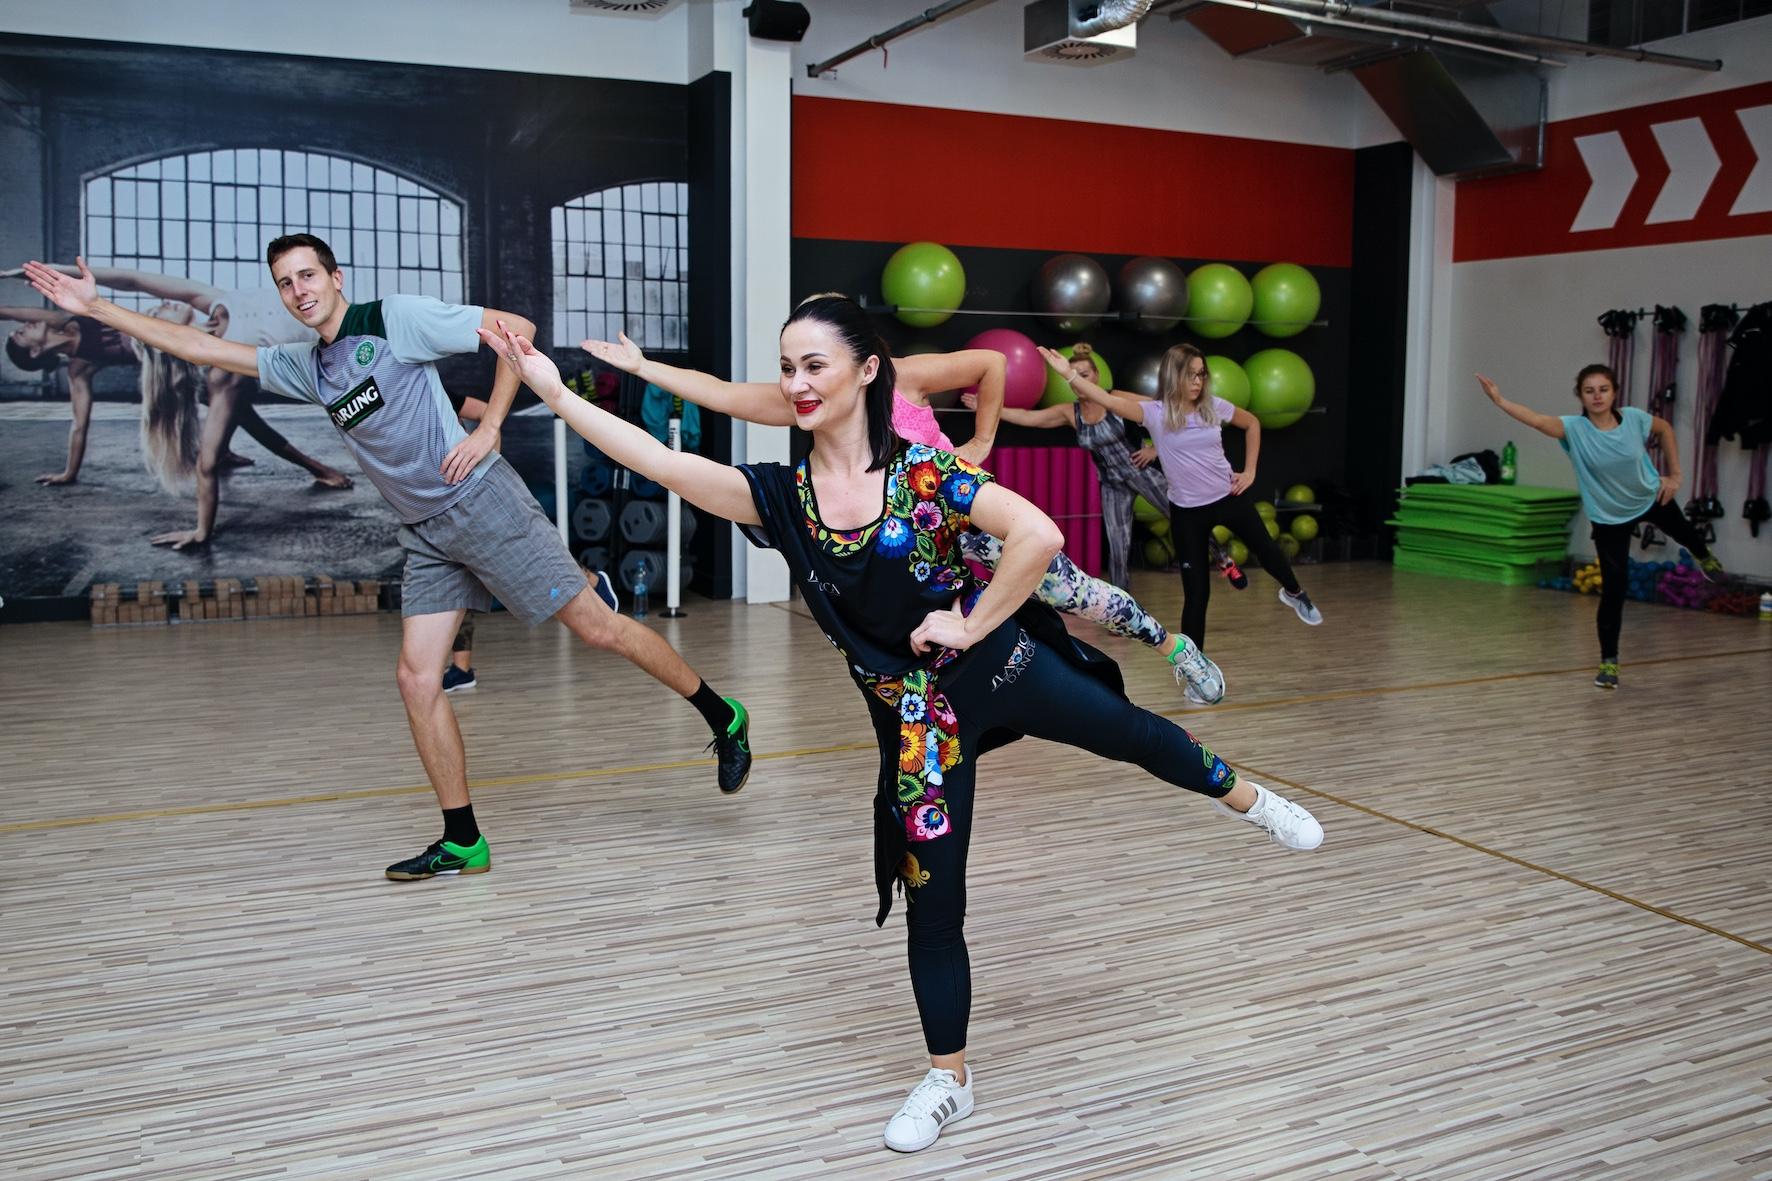 BlogStar: Slavica, czyli fitness w czasach kwarantanny - BlogStar.pl